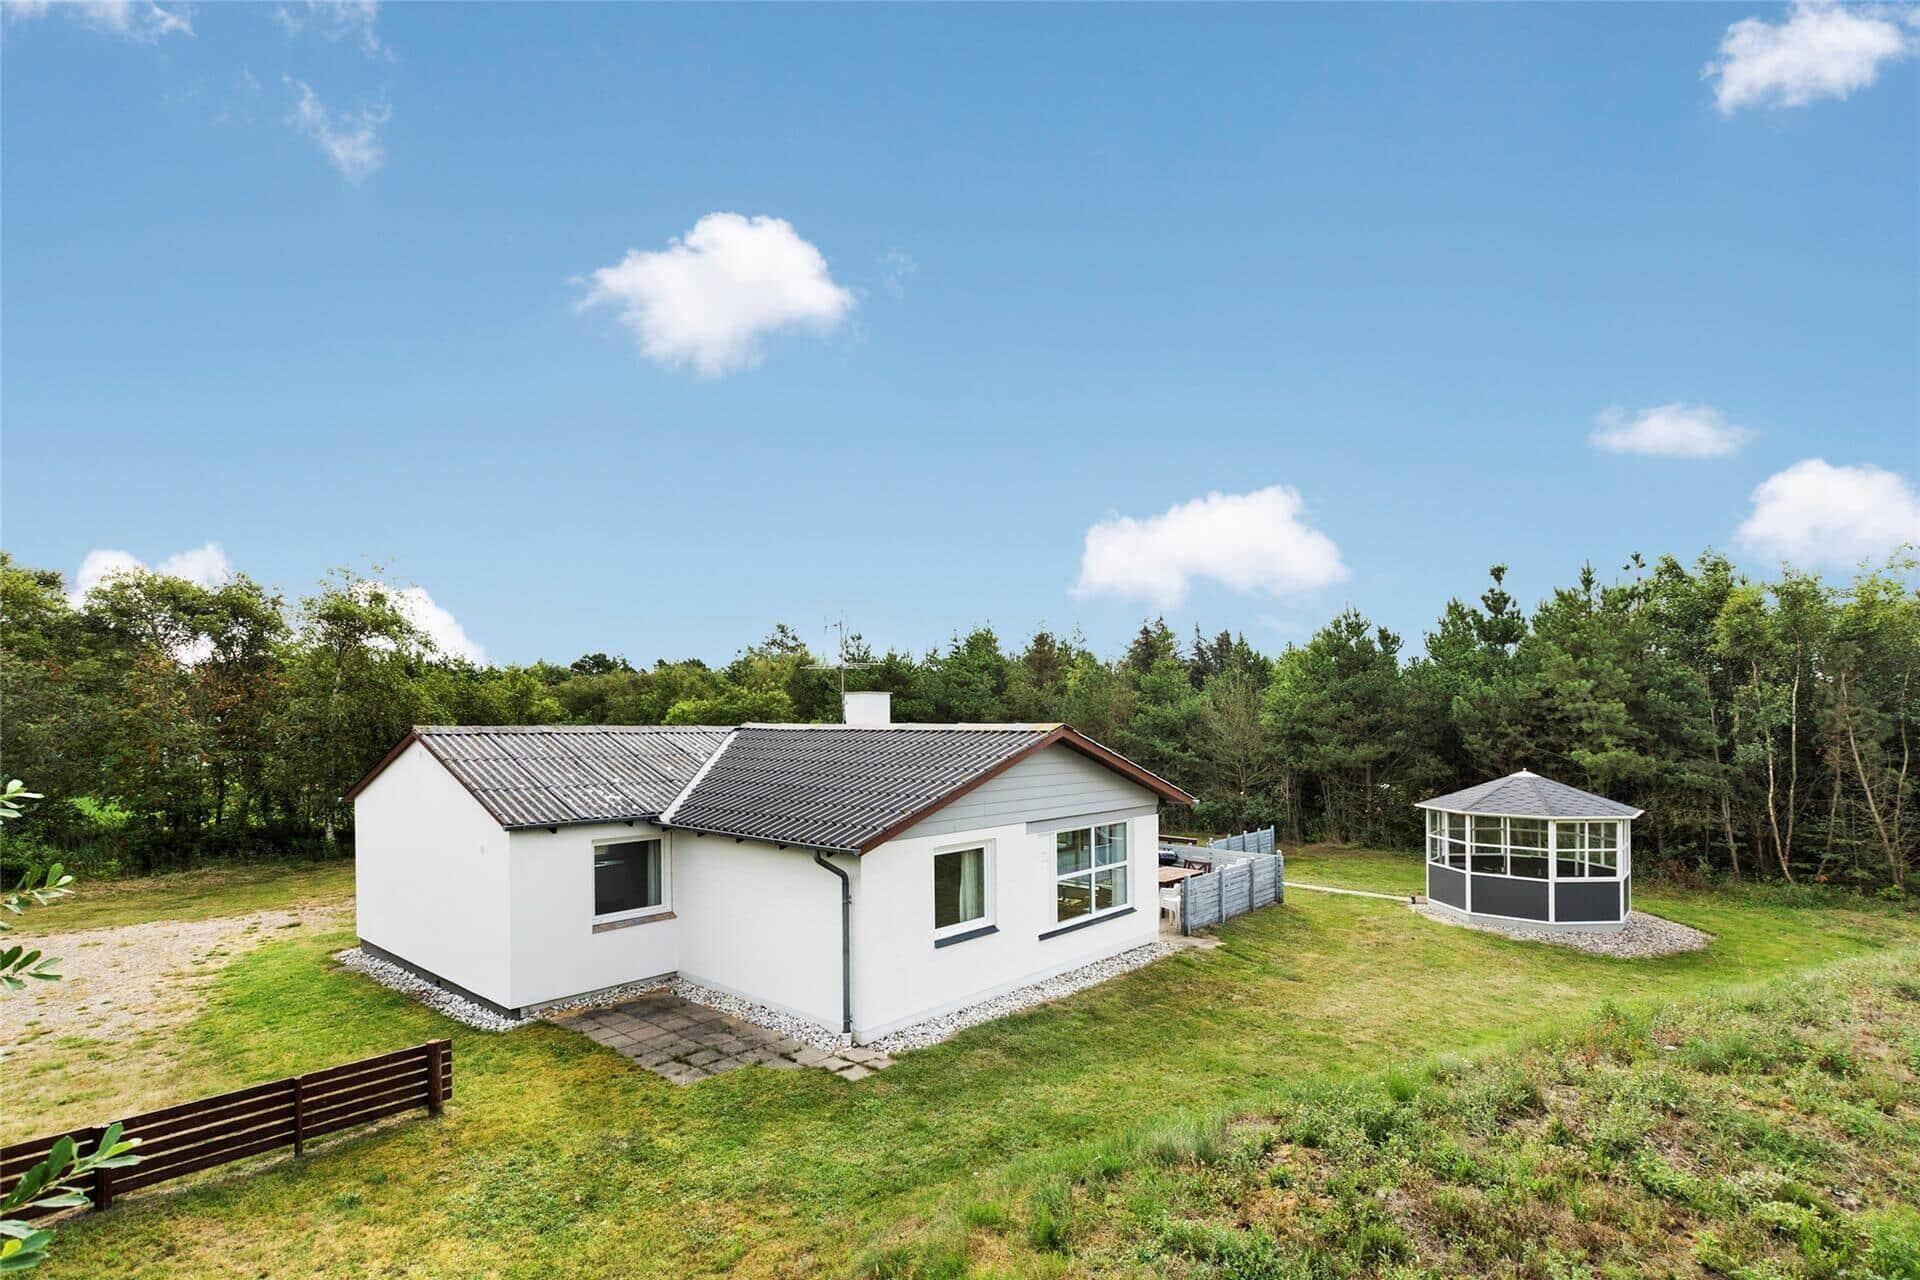 Billede 1-11 Sommerhus 0357, Sønderstrandvej 21, DK - 6792 Rømø